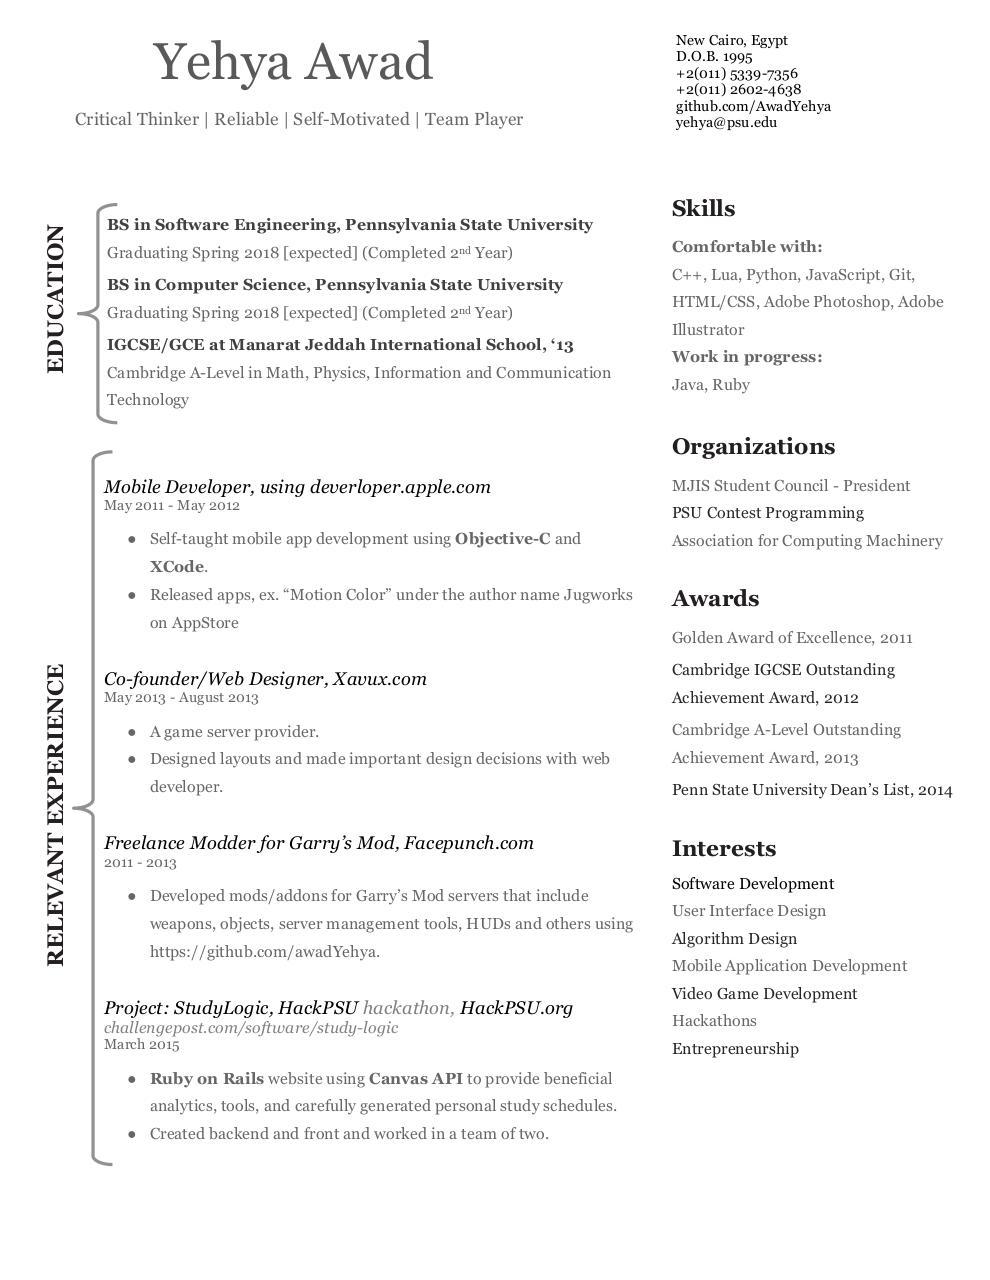 Yehya Awad Resume May 2015 docx - Yehya Awad - Resume May 2015 pdf